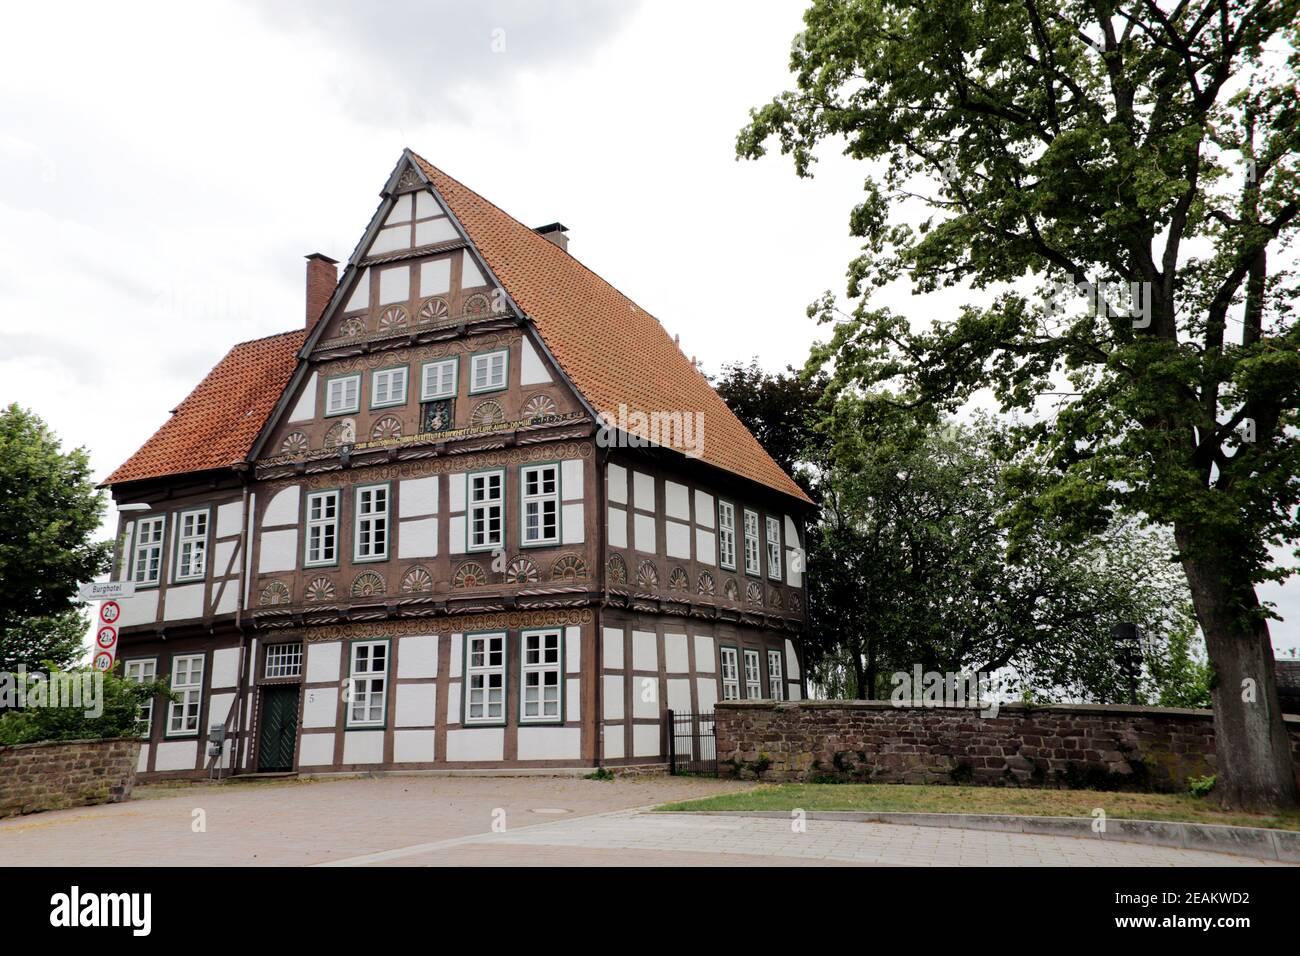 Ancien immeuble de bureaux historique, bâtiment à colombages décoré avec art, Blomberg Banque D'Images